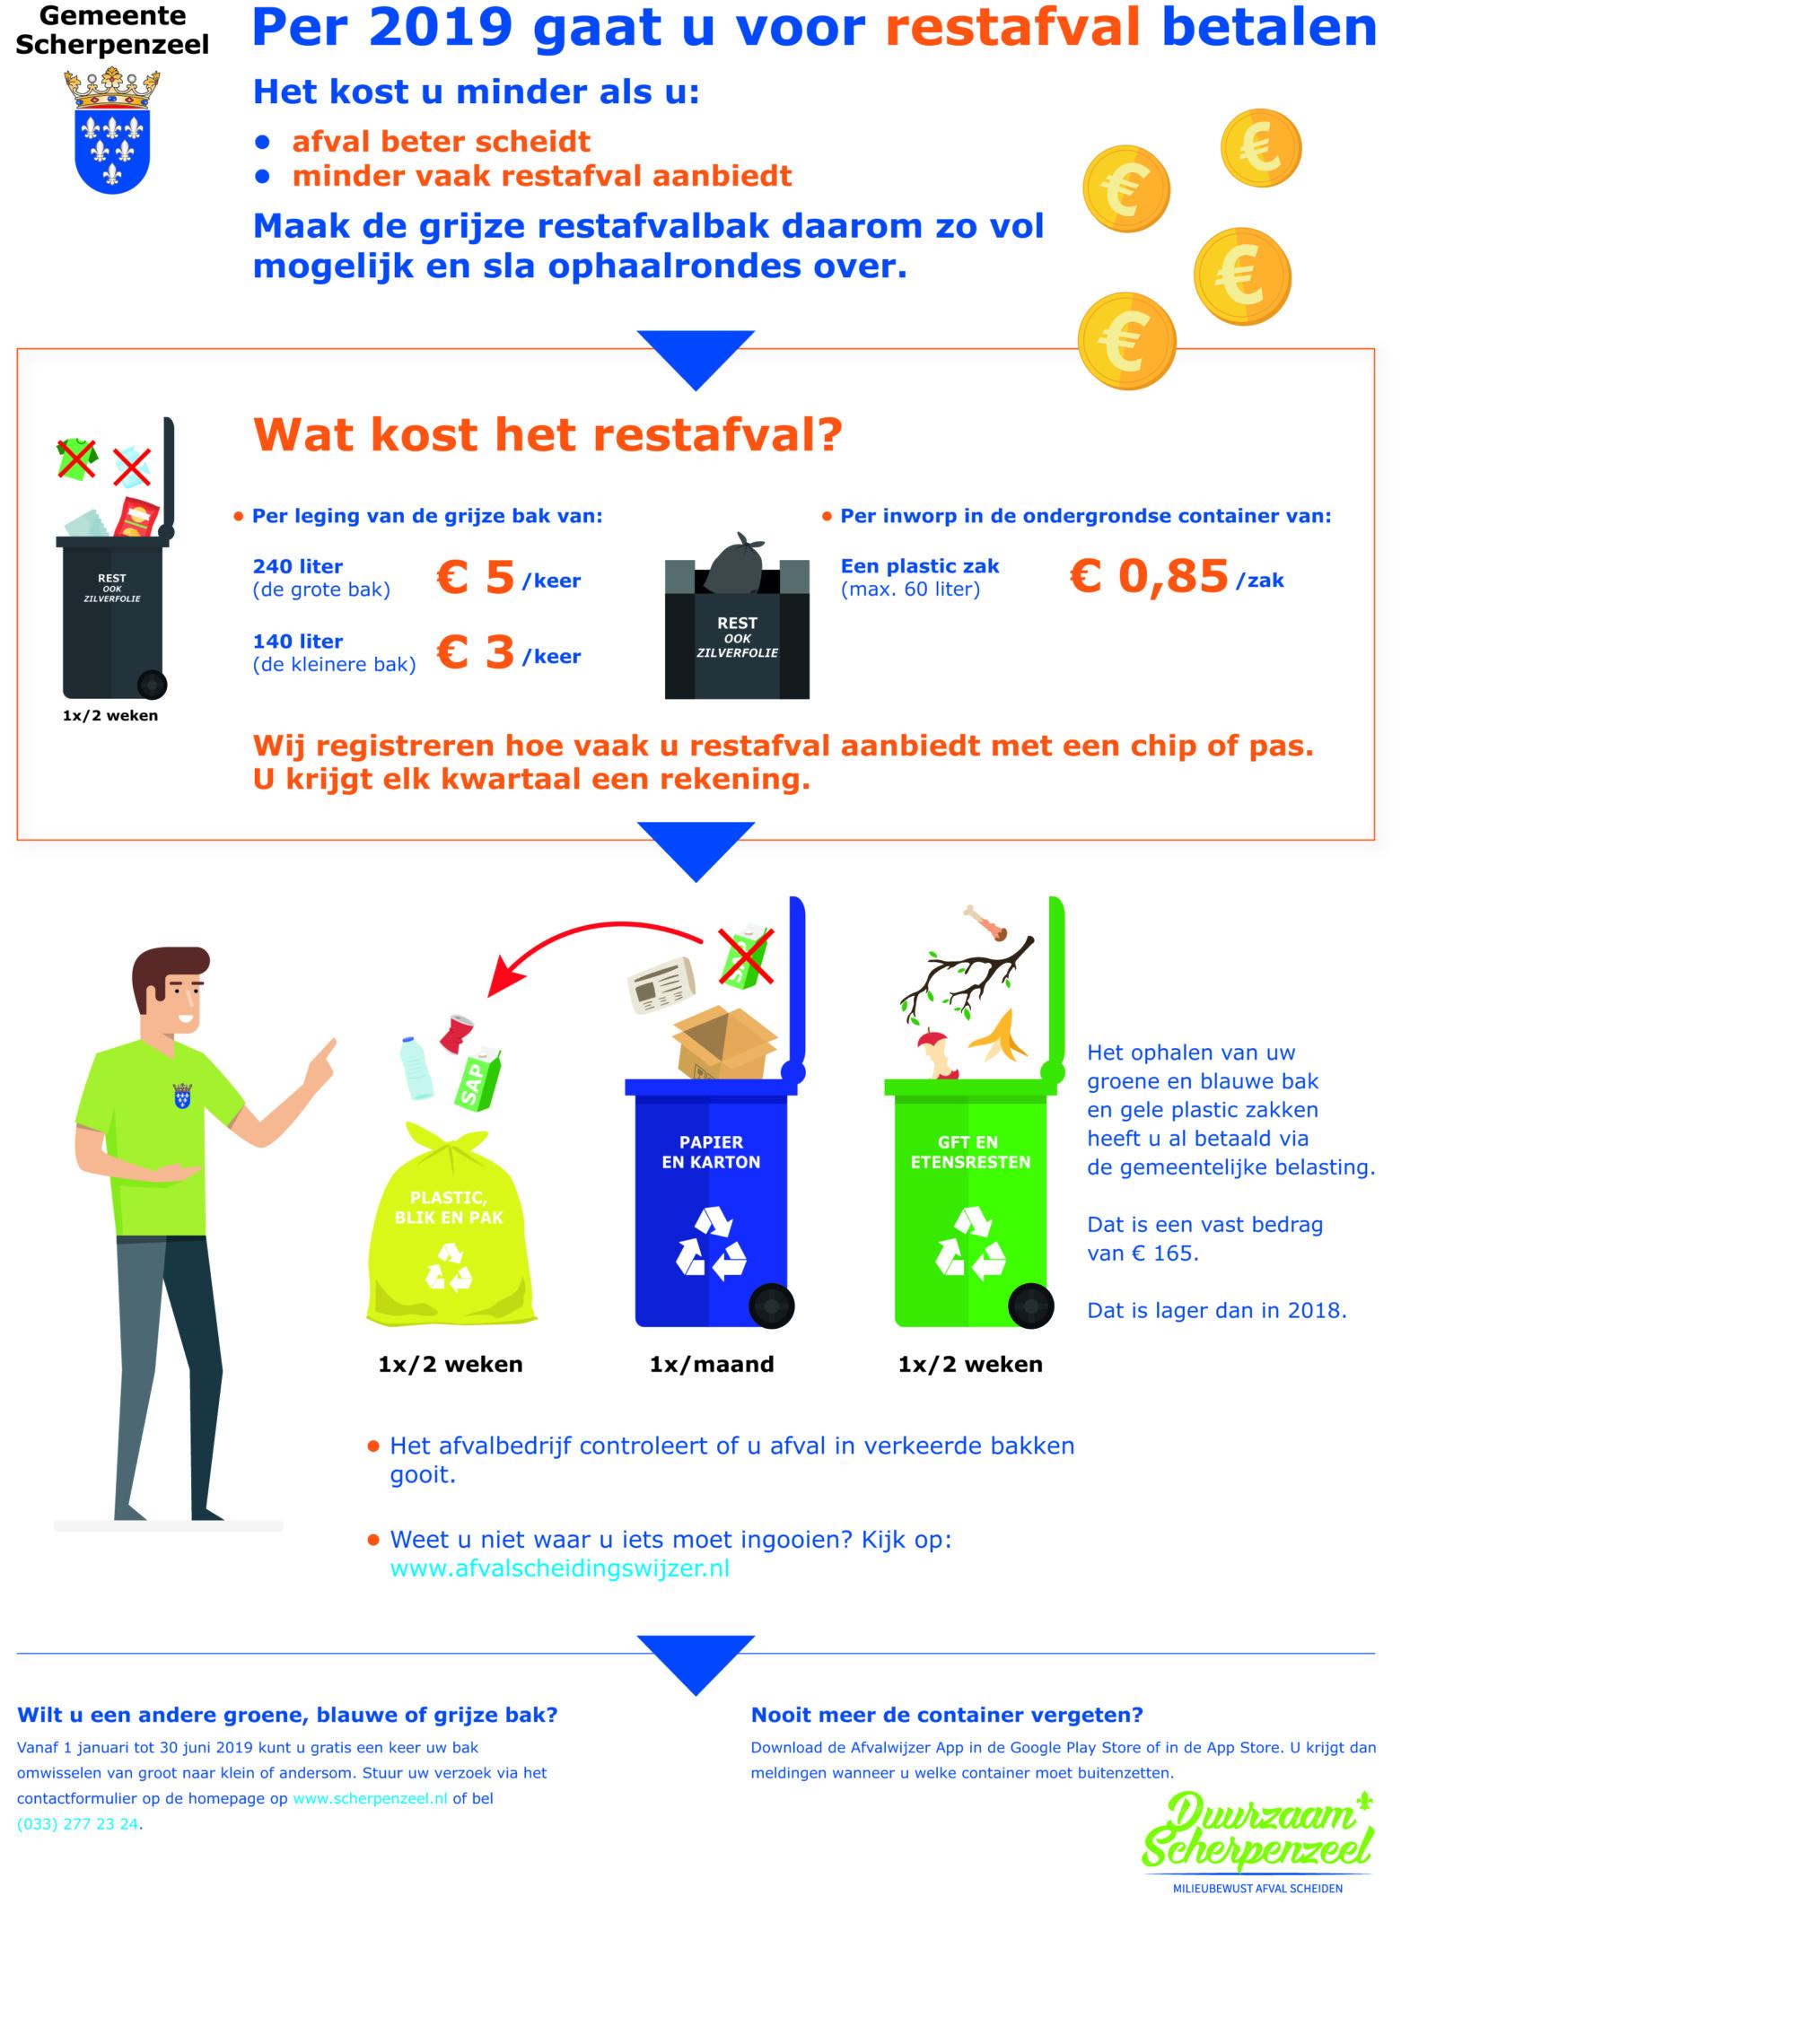 Infographic die kort het nieuwe afvalscheidingsbeleid van de gemeente Scherpenzeel